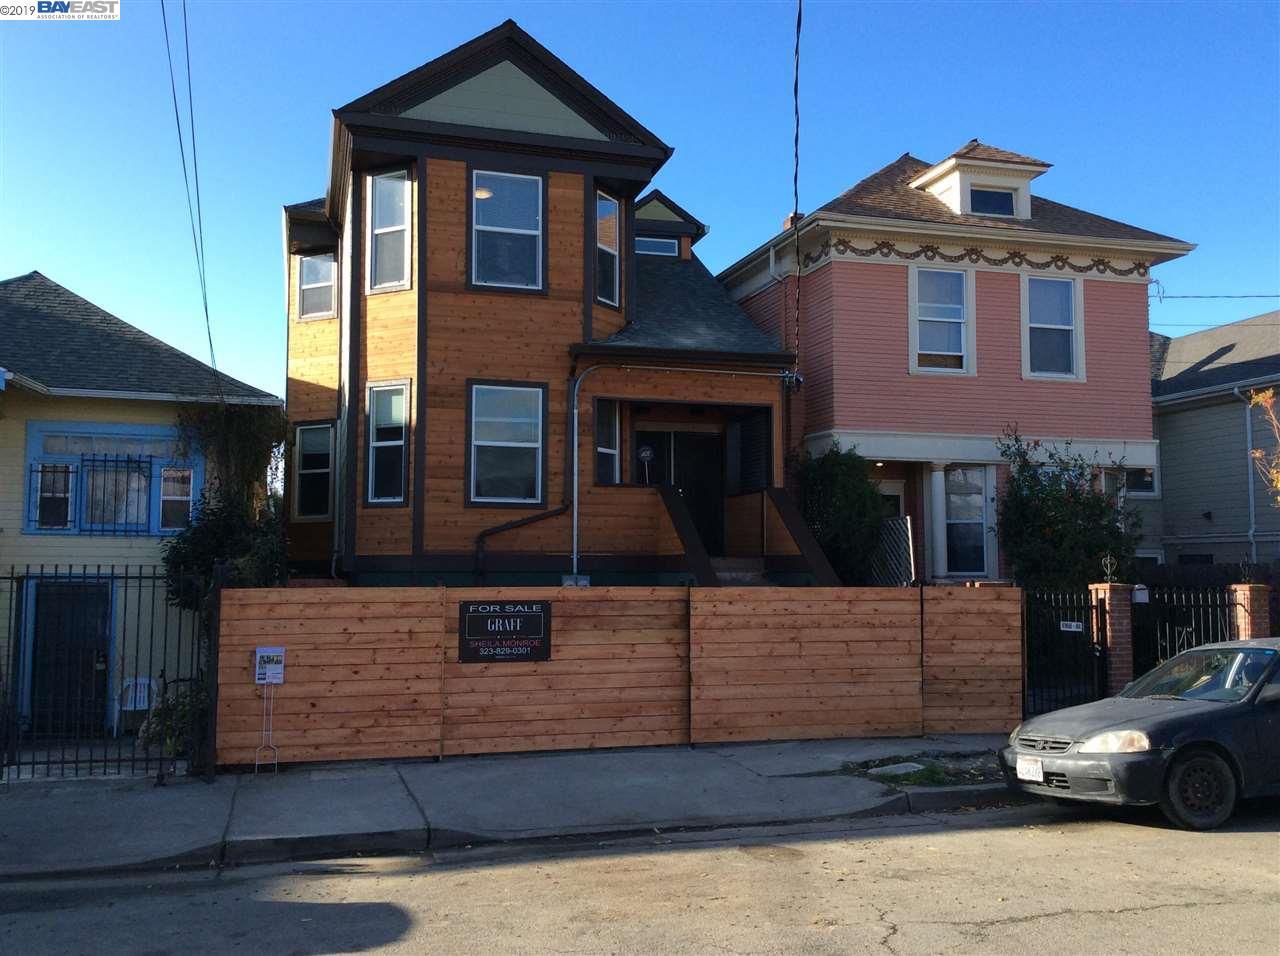 3107 Filbert St Oakland, CA 94608